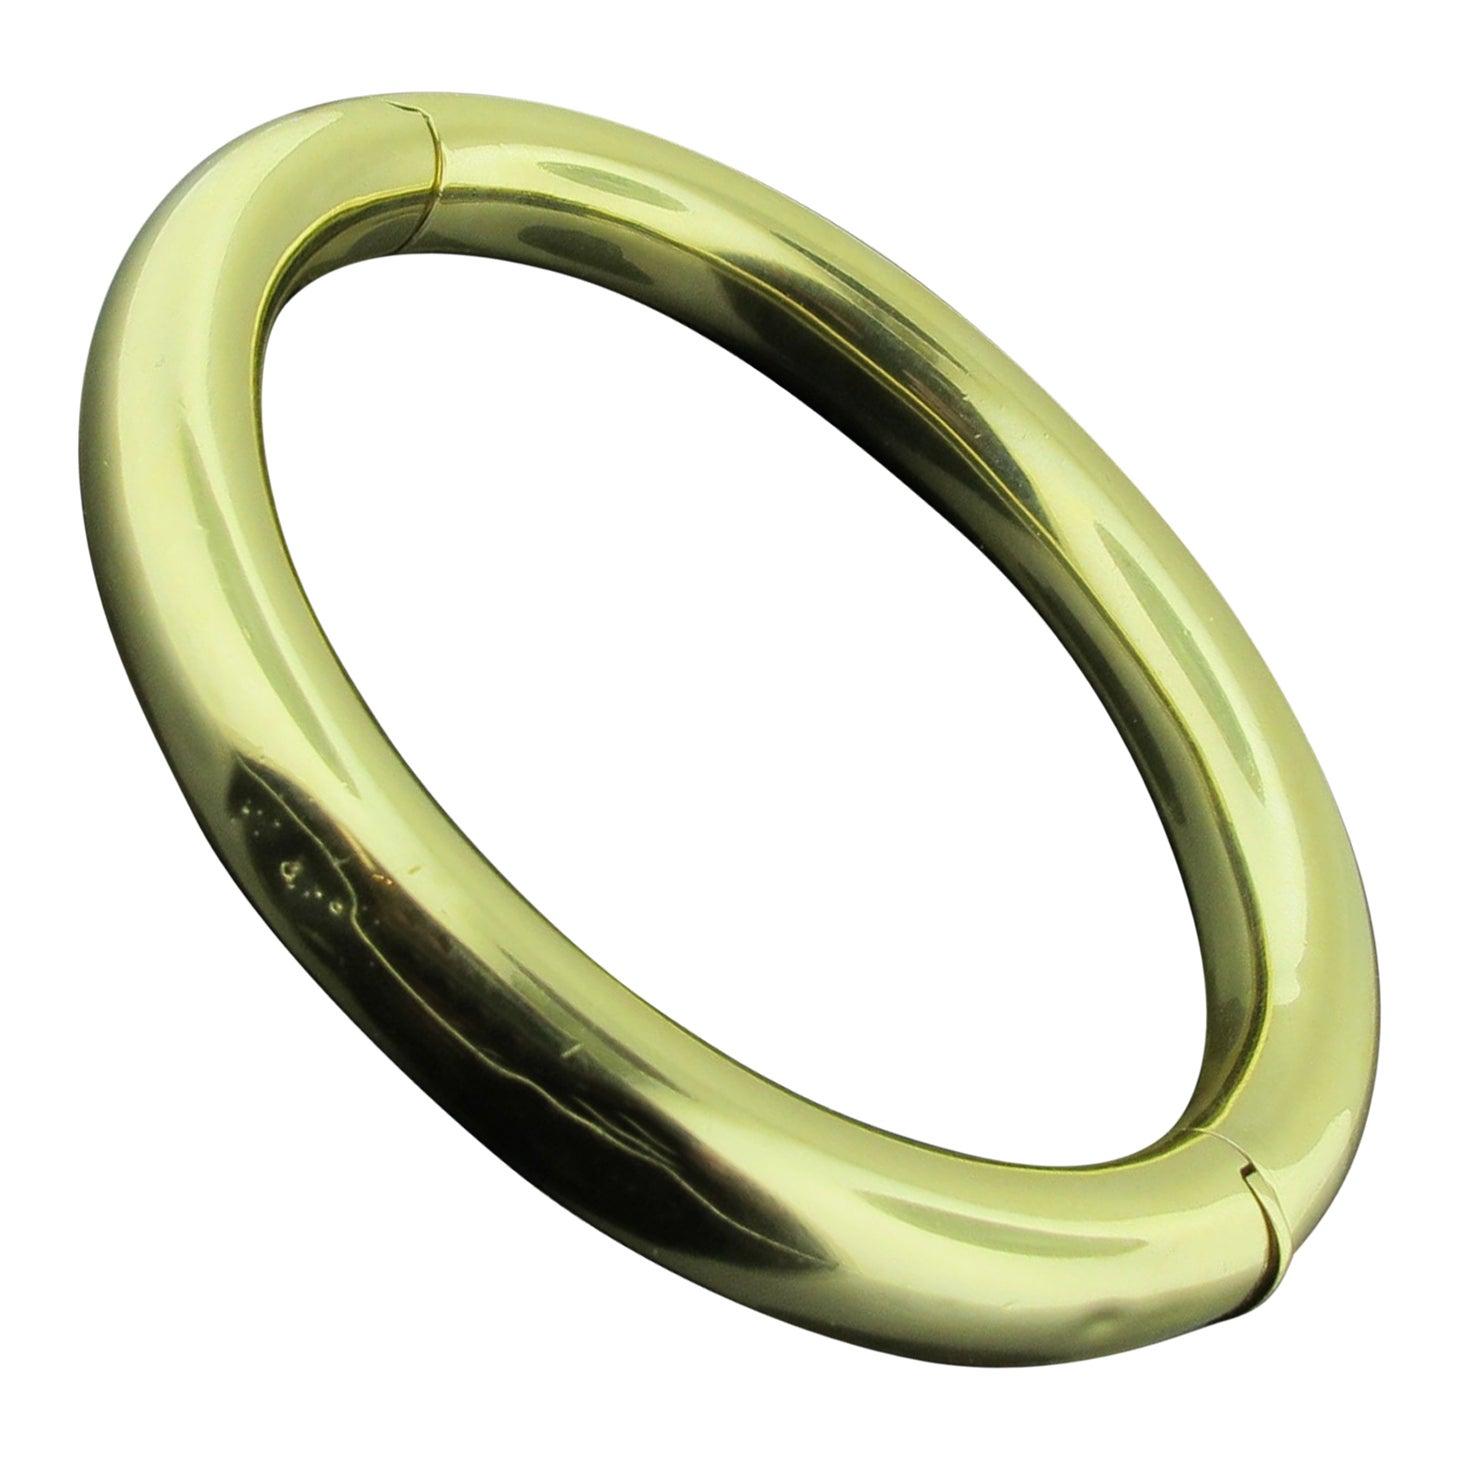 18 Karat Yellow Gold 'Hinged' Bangle Bracelet